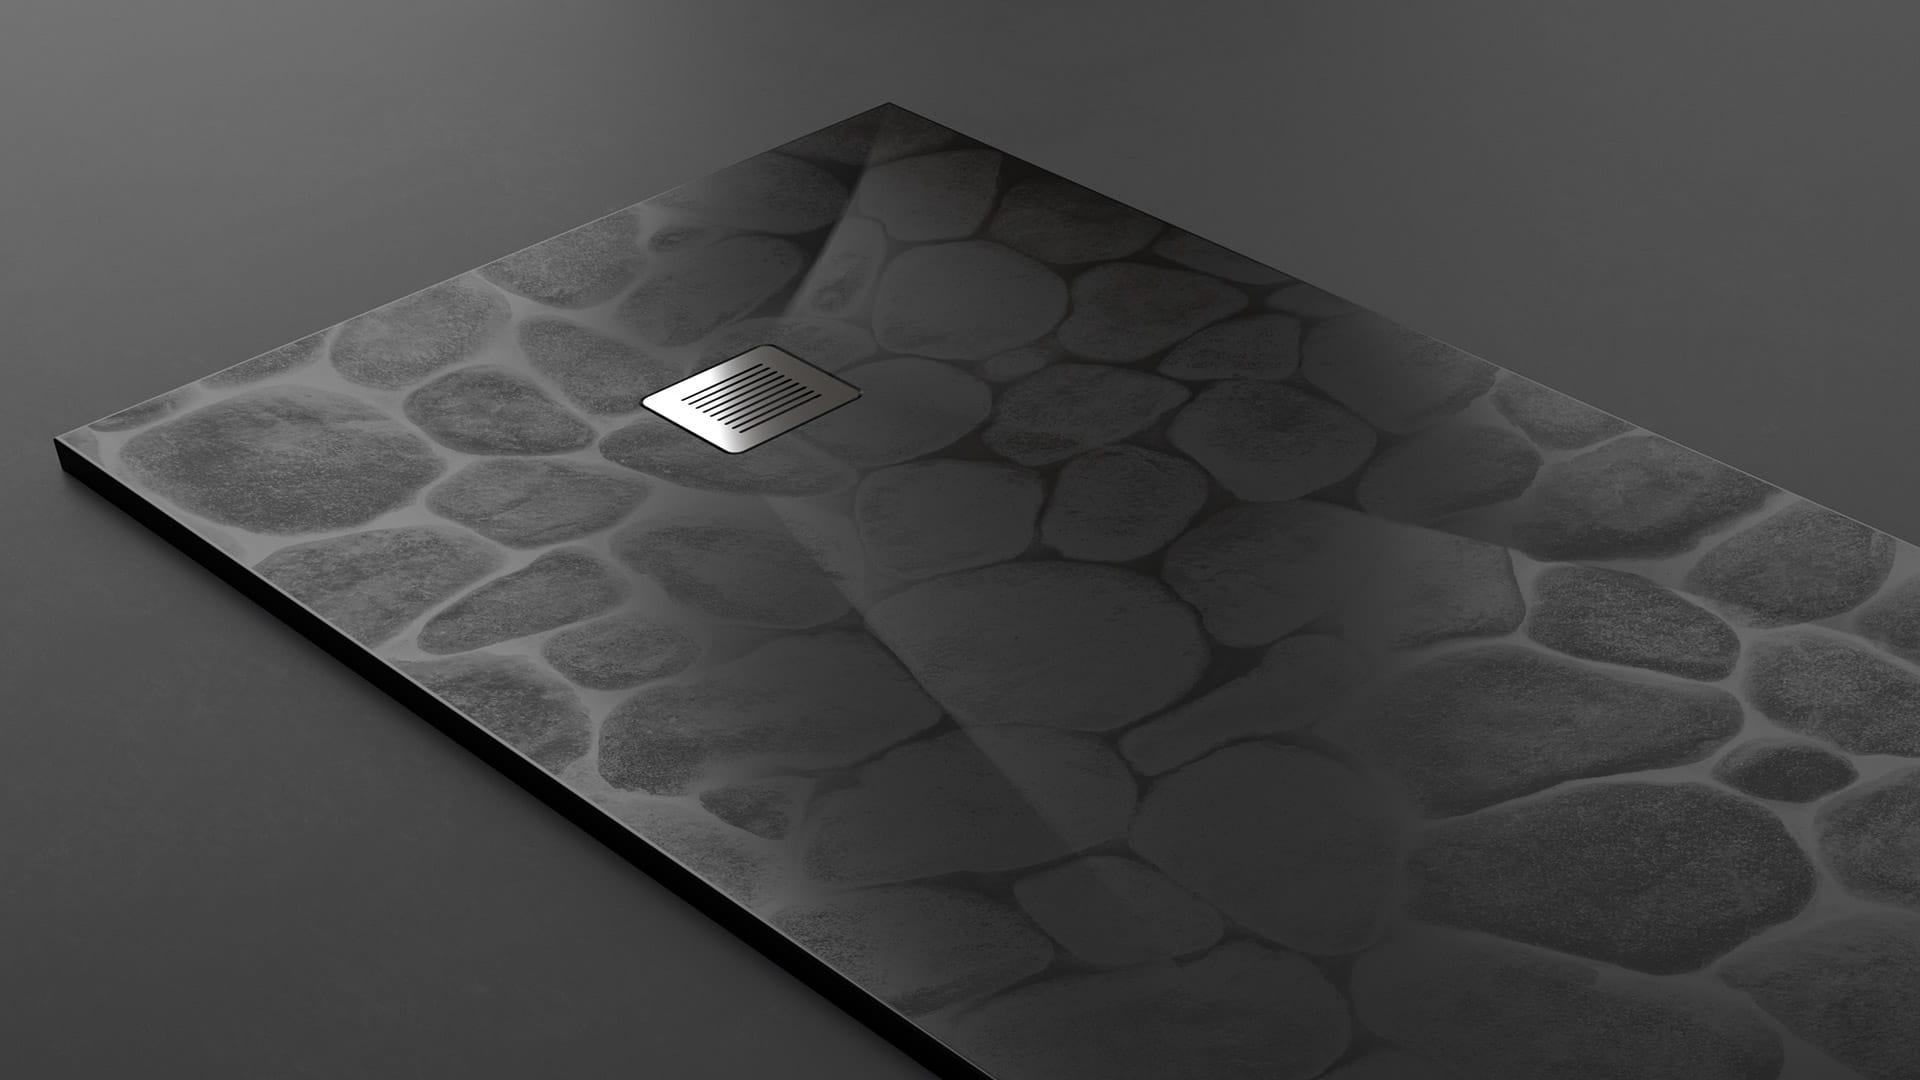 Plato textura stone